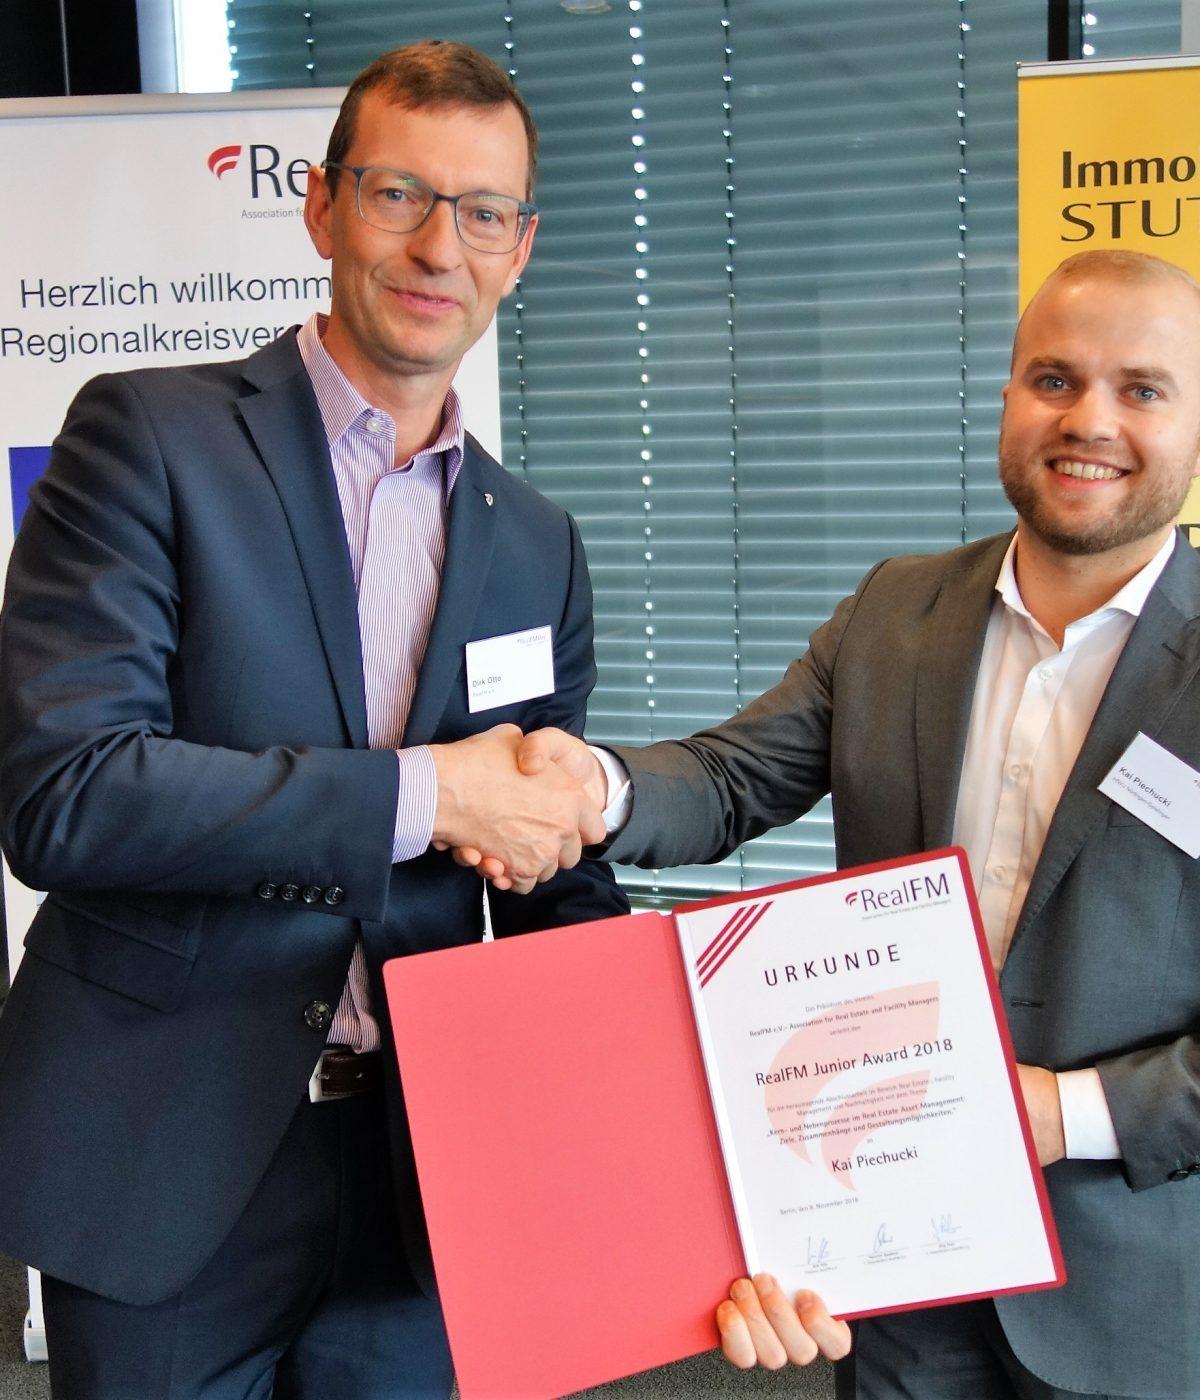 RealFM_Award